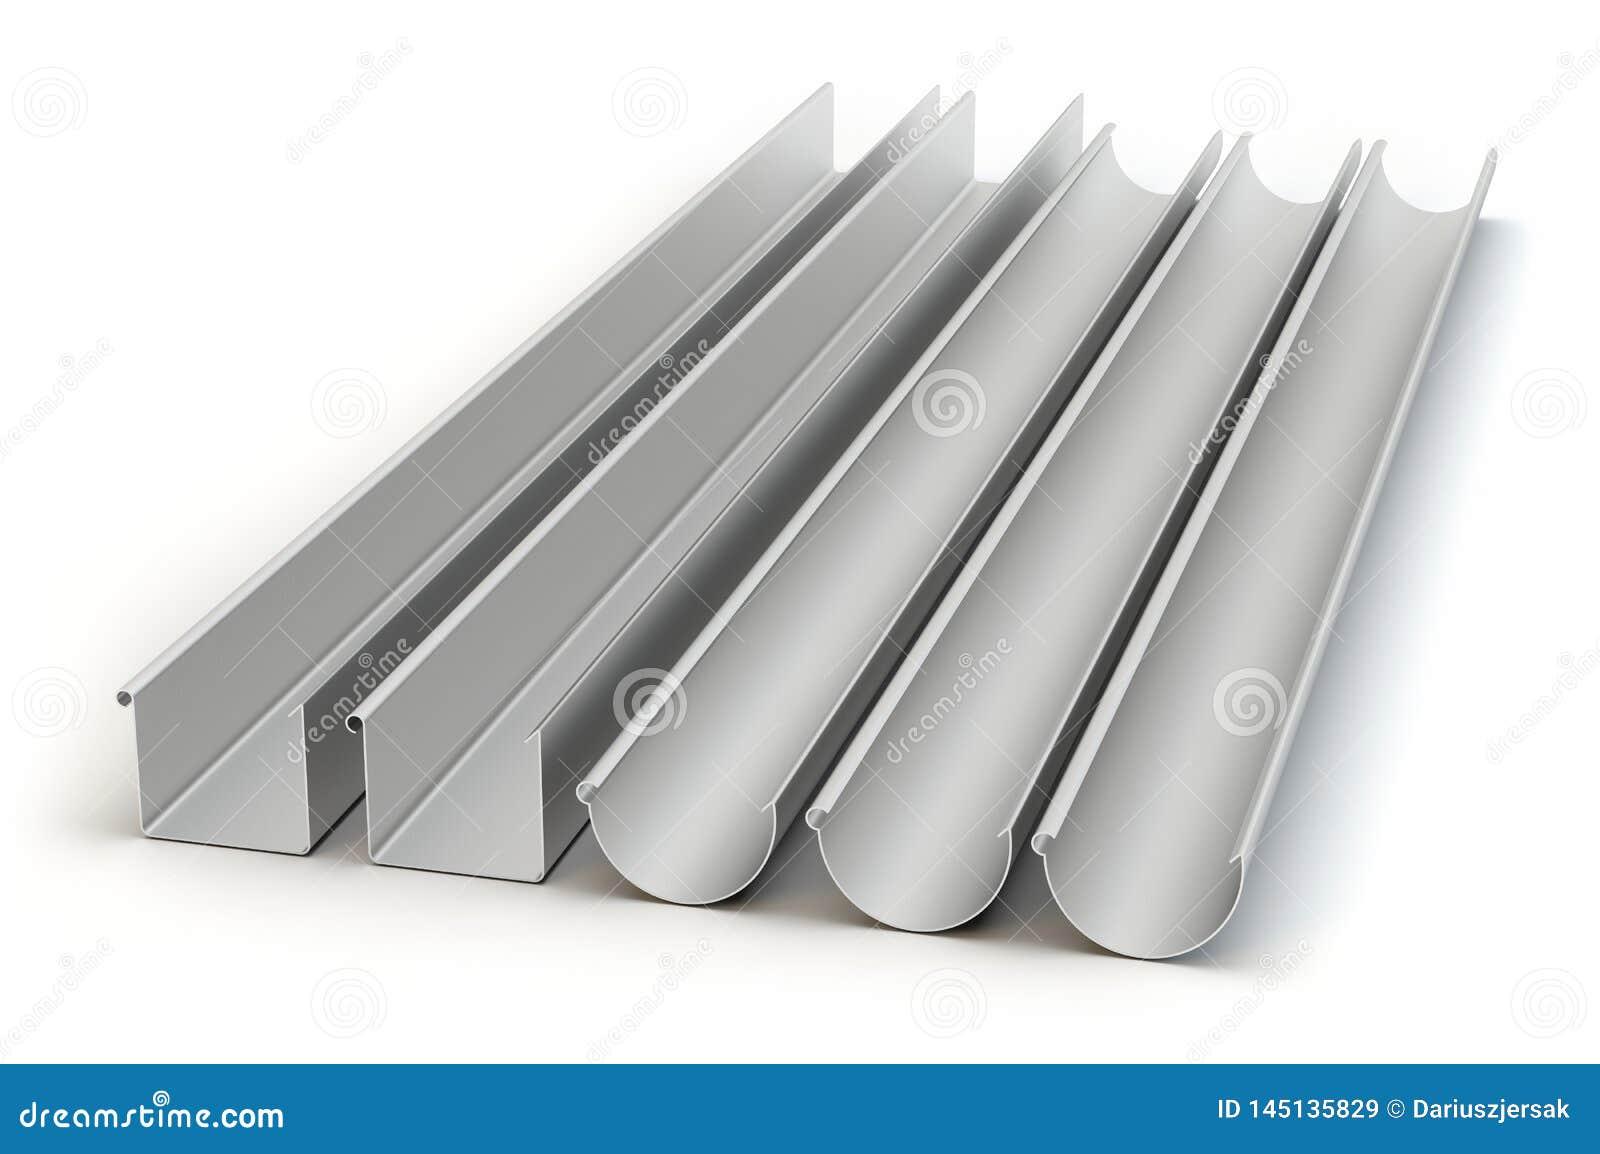 Five drainage gutters, 3D illustration